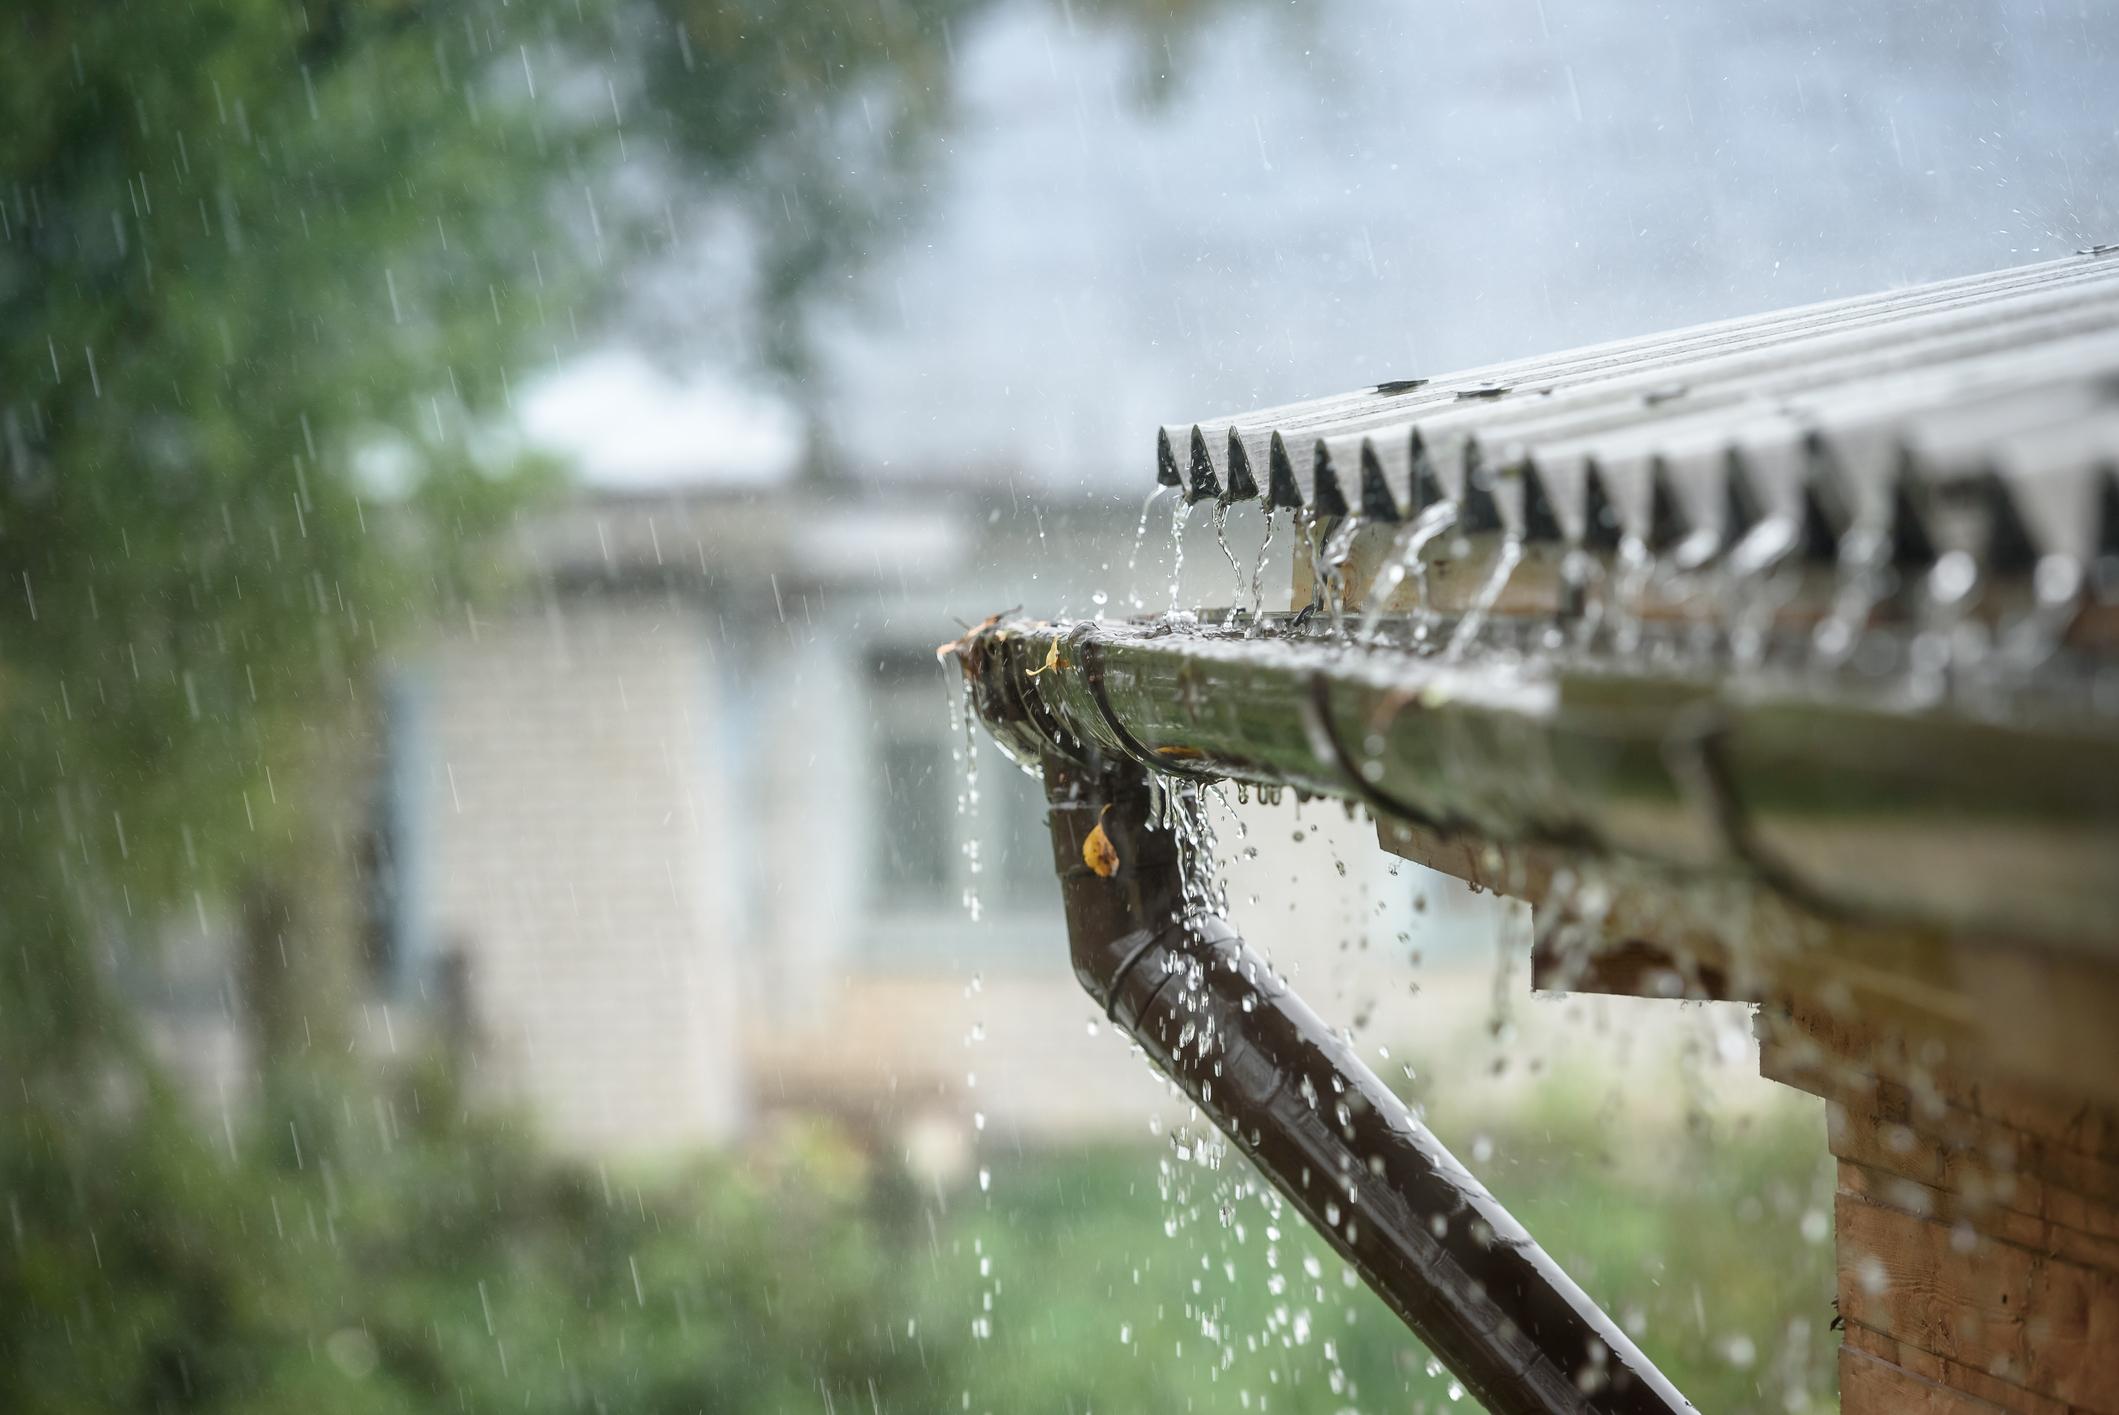 Com o começo da estação chuvosa em boa parte do país, os locais propícios para a criação do mosquito Aedes aegypti se multiplicam.